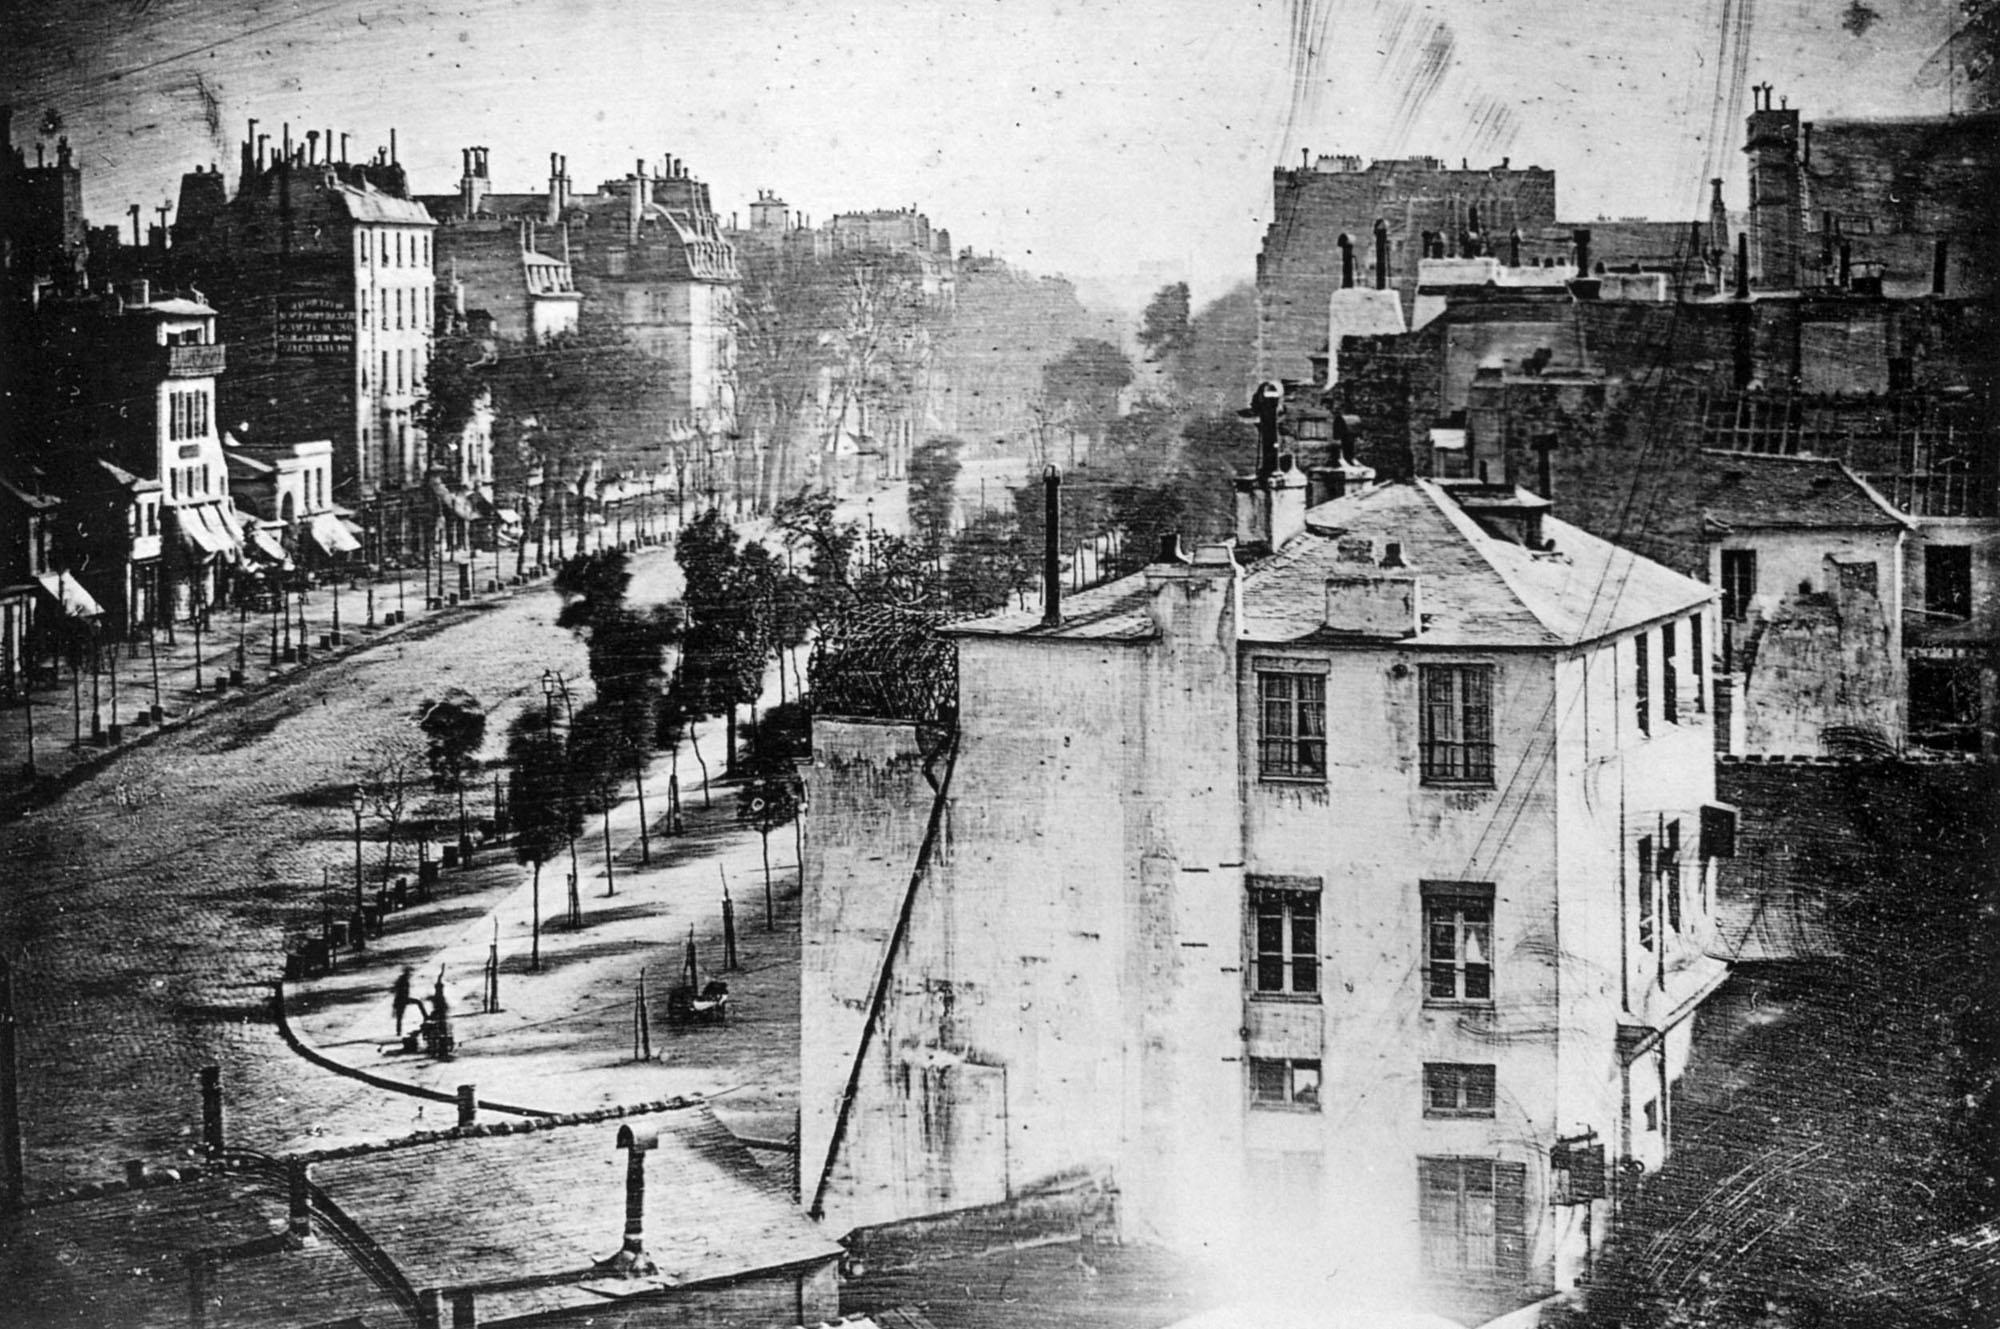 (1)  Boulevard du Temple, Paris (1838) © Louis Mandé Daguerre